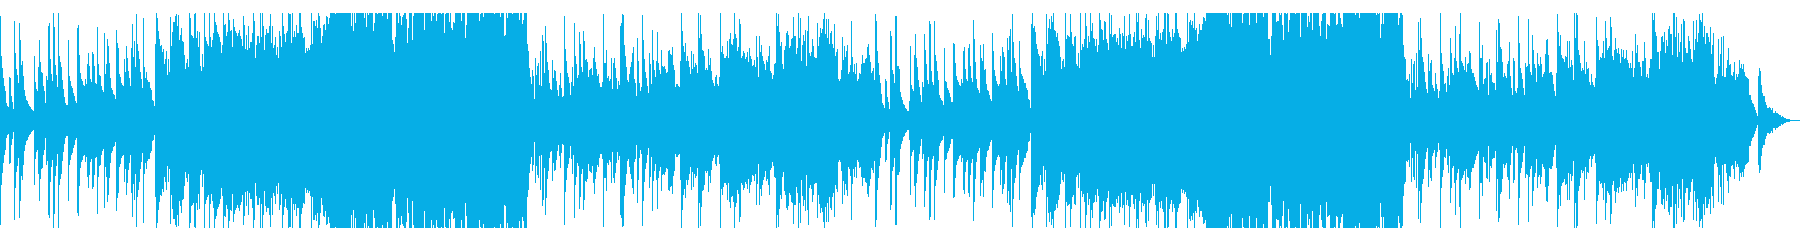 和やかに奏でる中国の楽器のアンサンブルの再生済みの波形